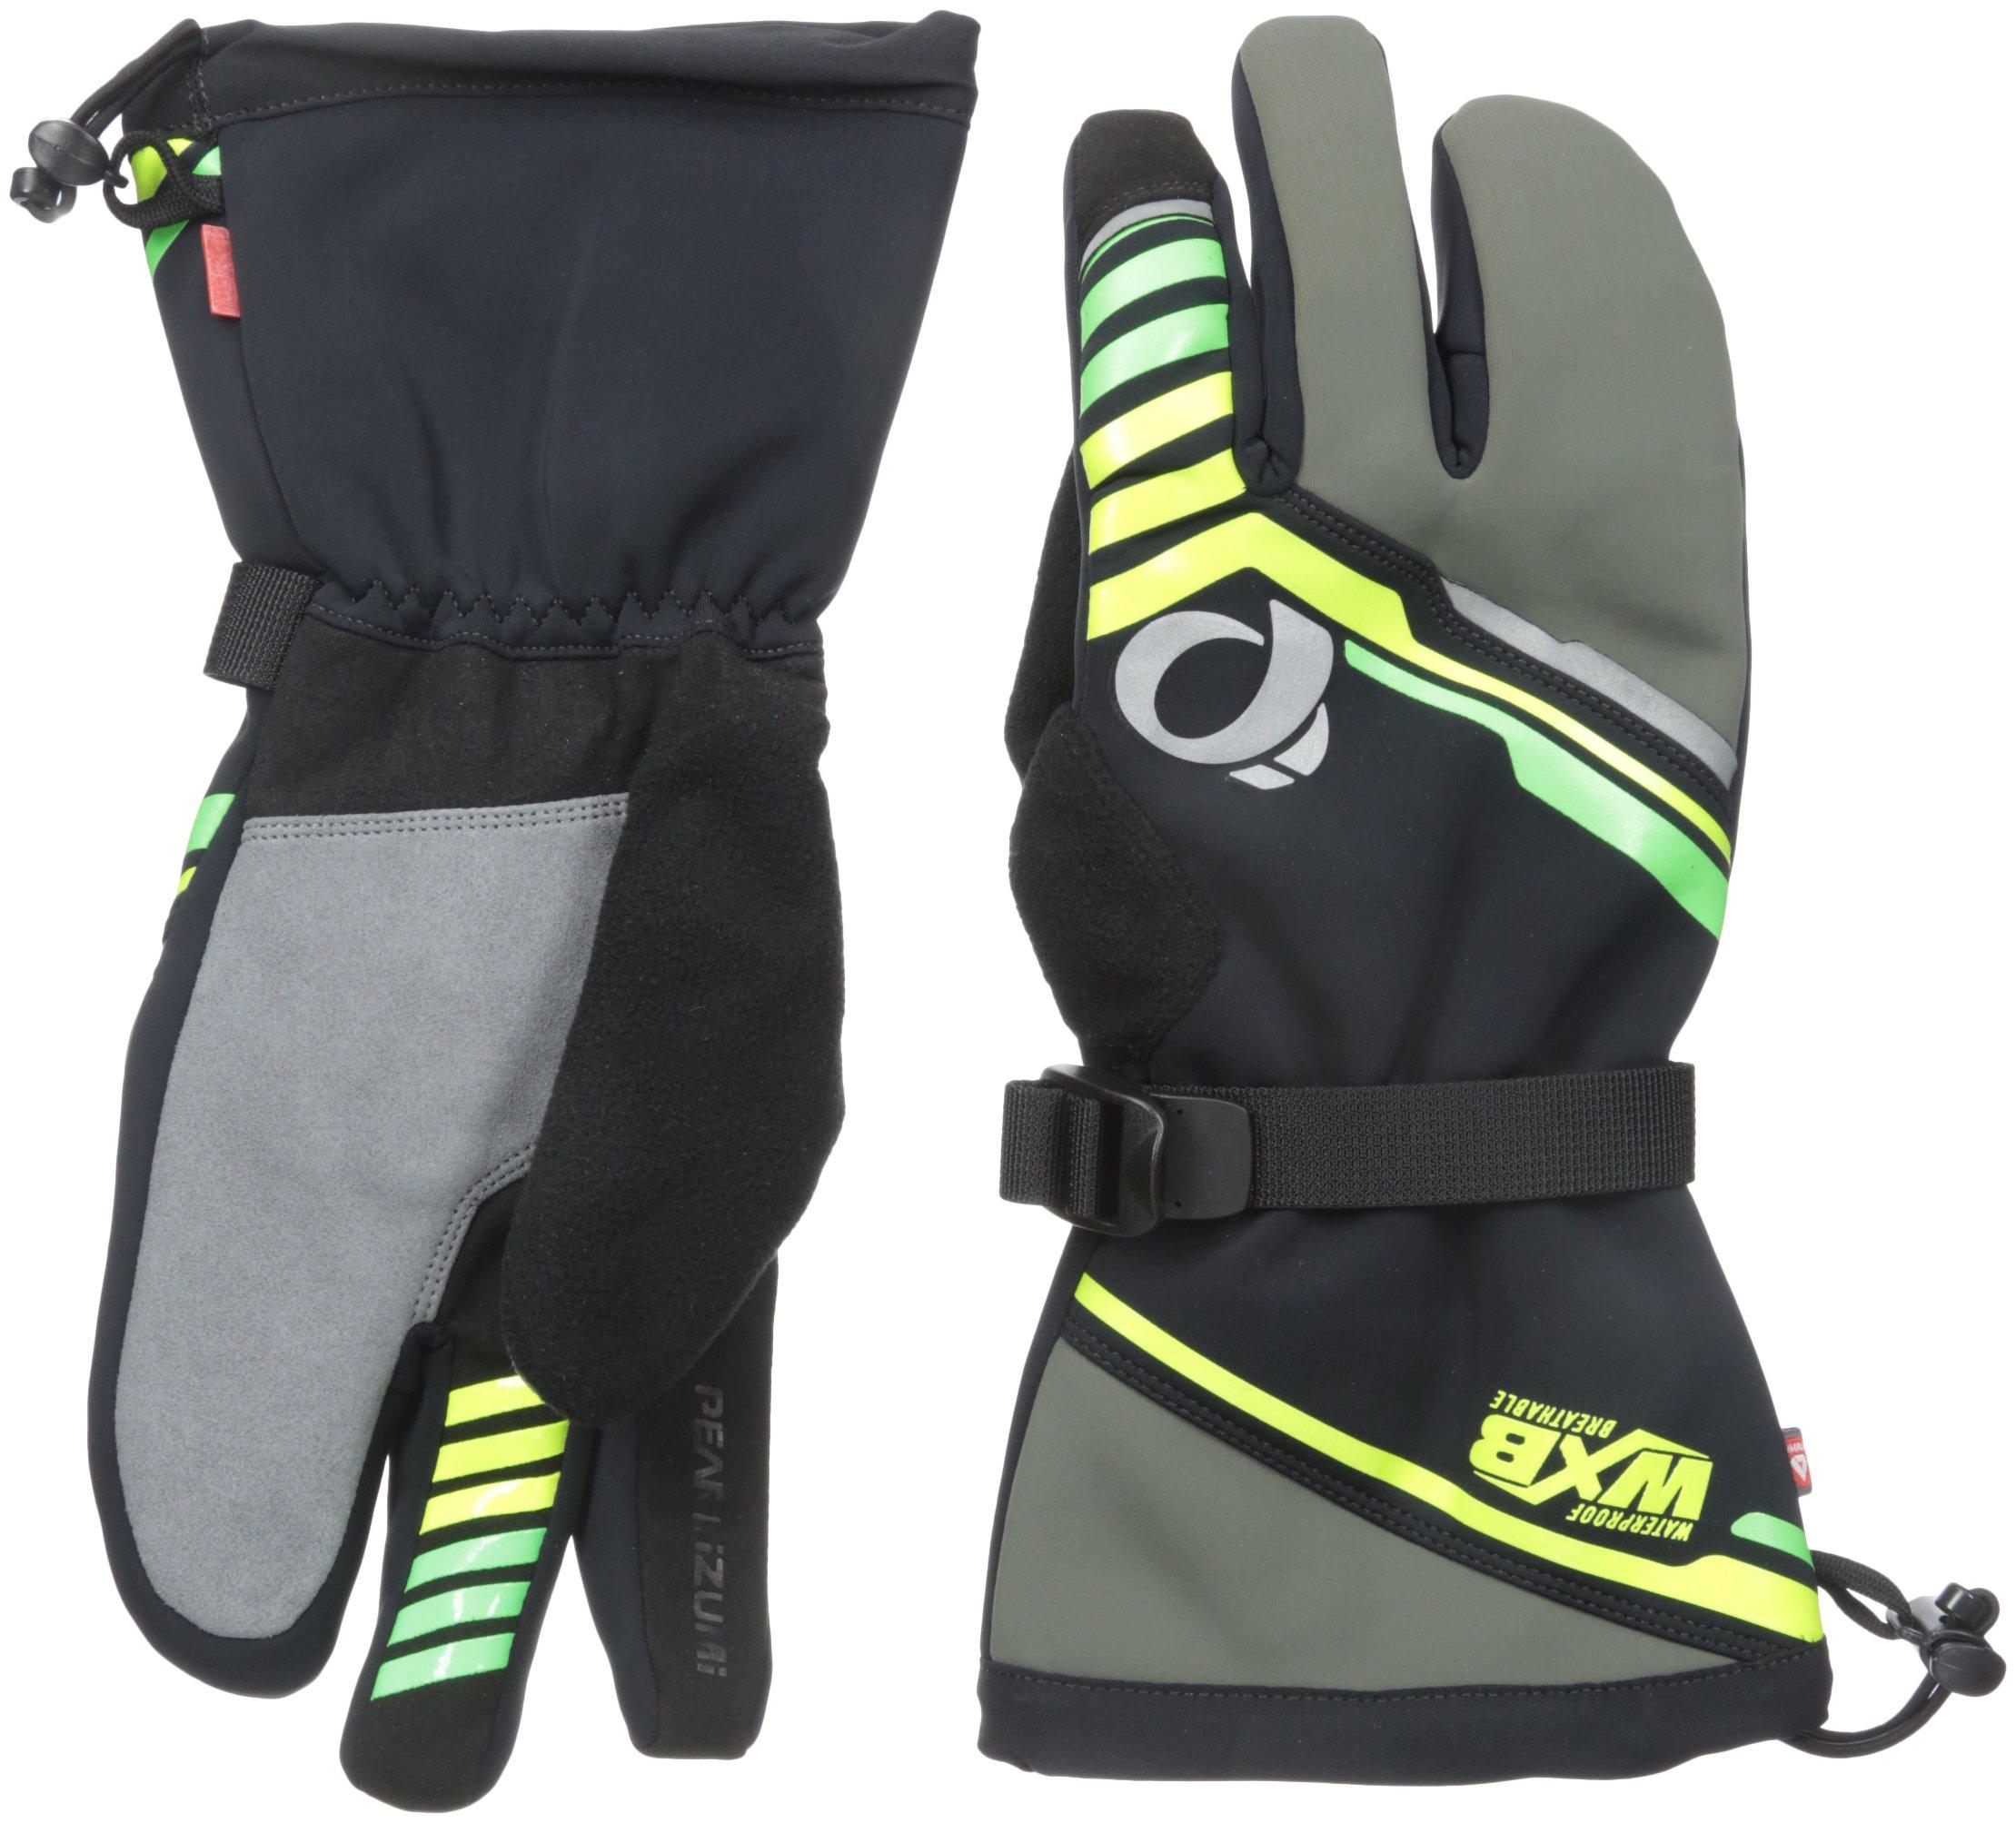 Pearl Izumi - Ride Pro AMFIB Super Gloves, Small, Black